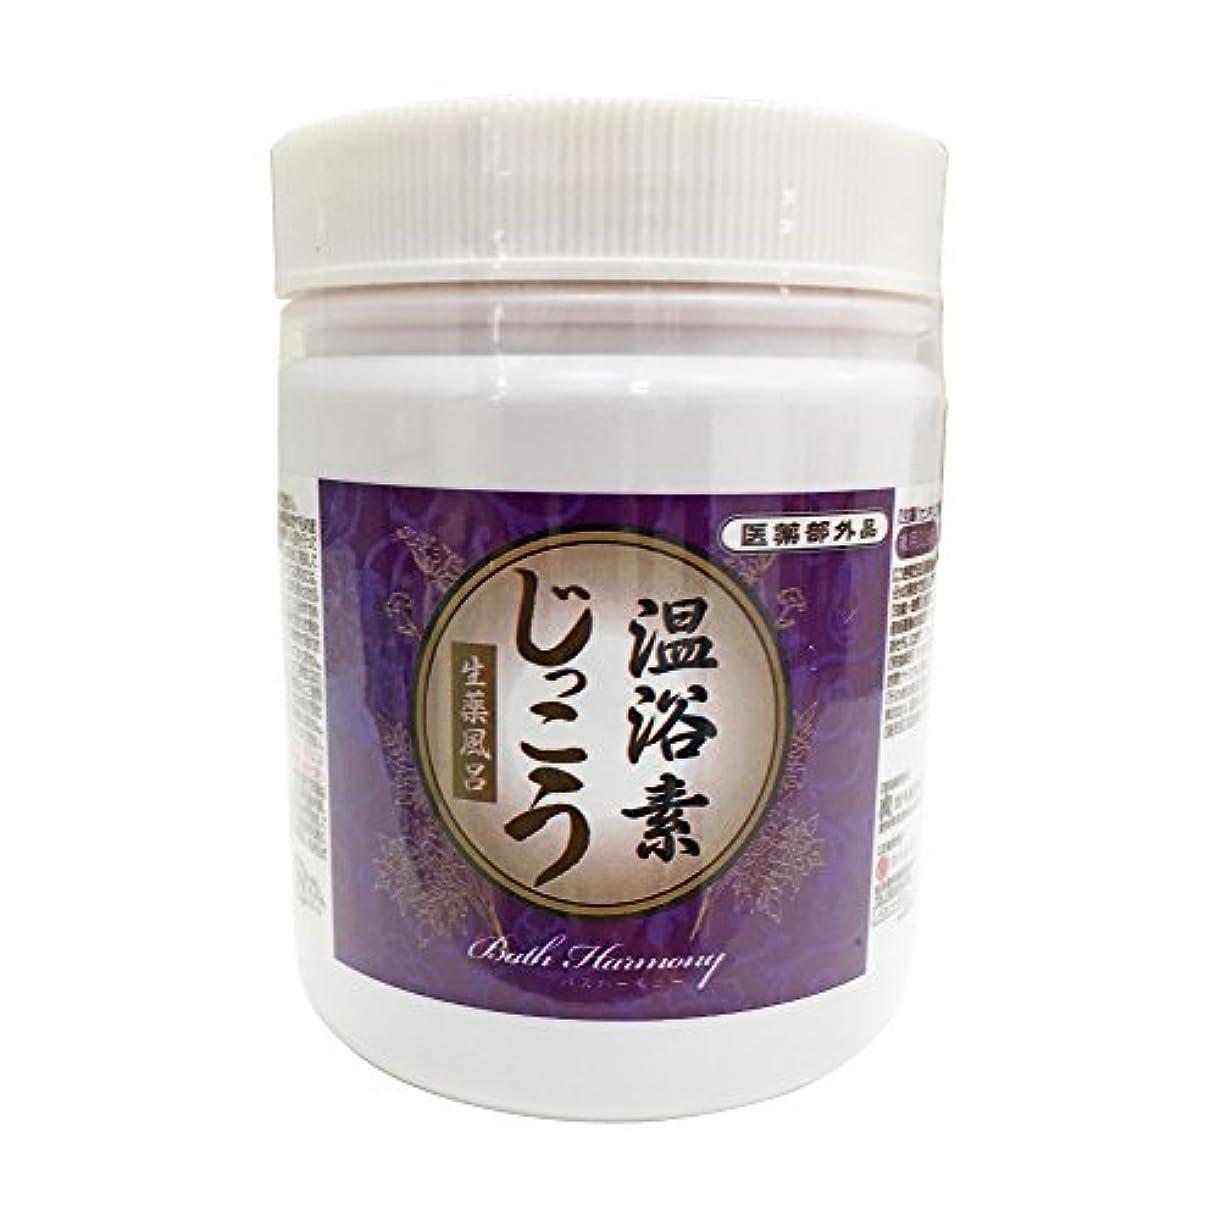 くすぐったい後方長いです温浴素 じっこう 500g 約25回分 粉末 生薬 薬湯 医薬部外品 ロングセラー 天然生薬 の 香り